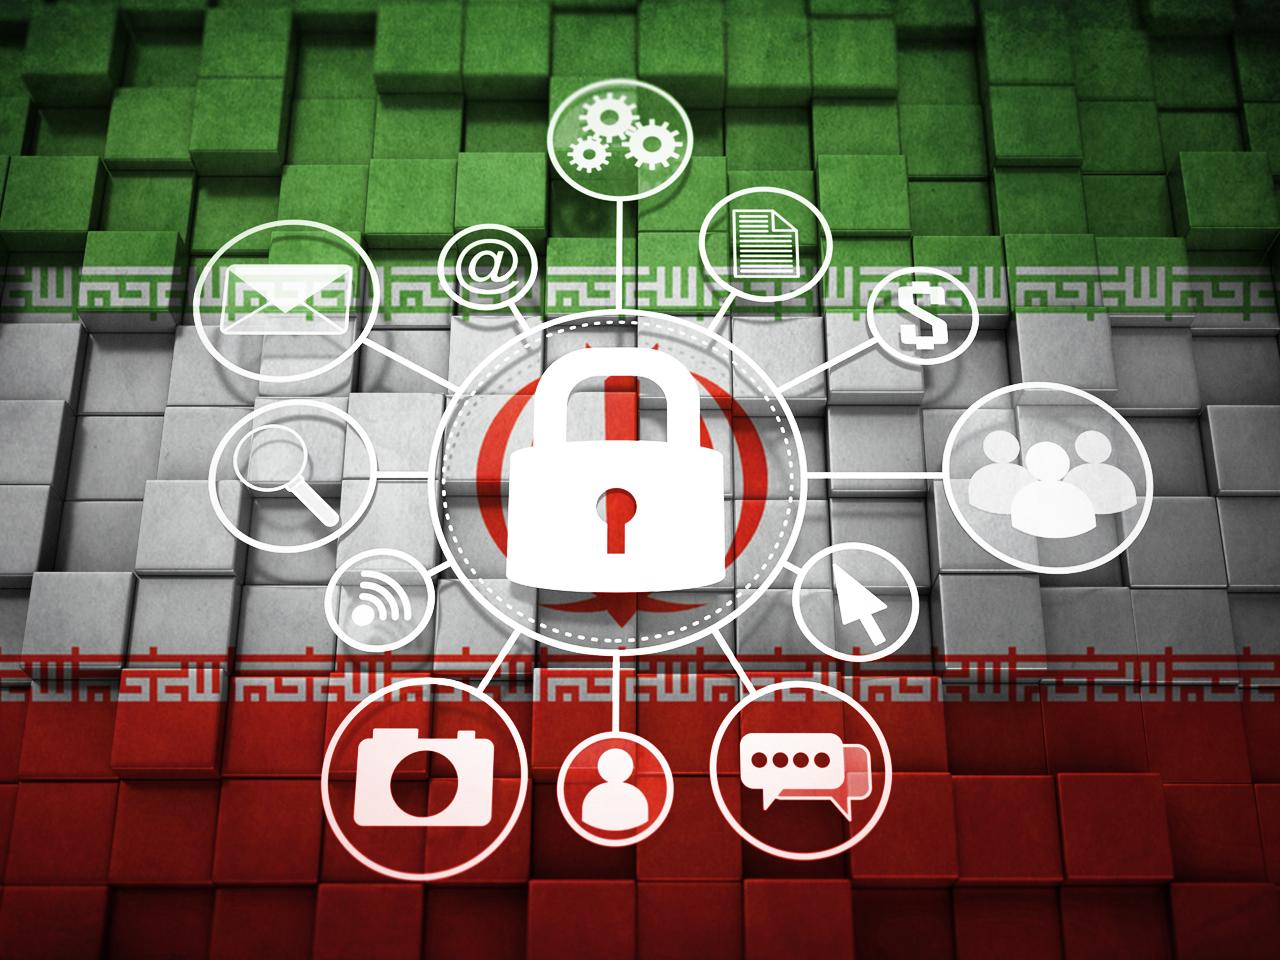 امنیت دیجیتال – فضای ذخیره سازی اطلاعات